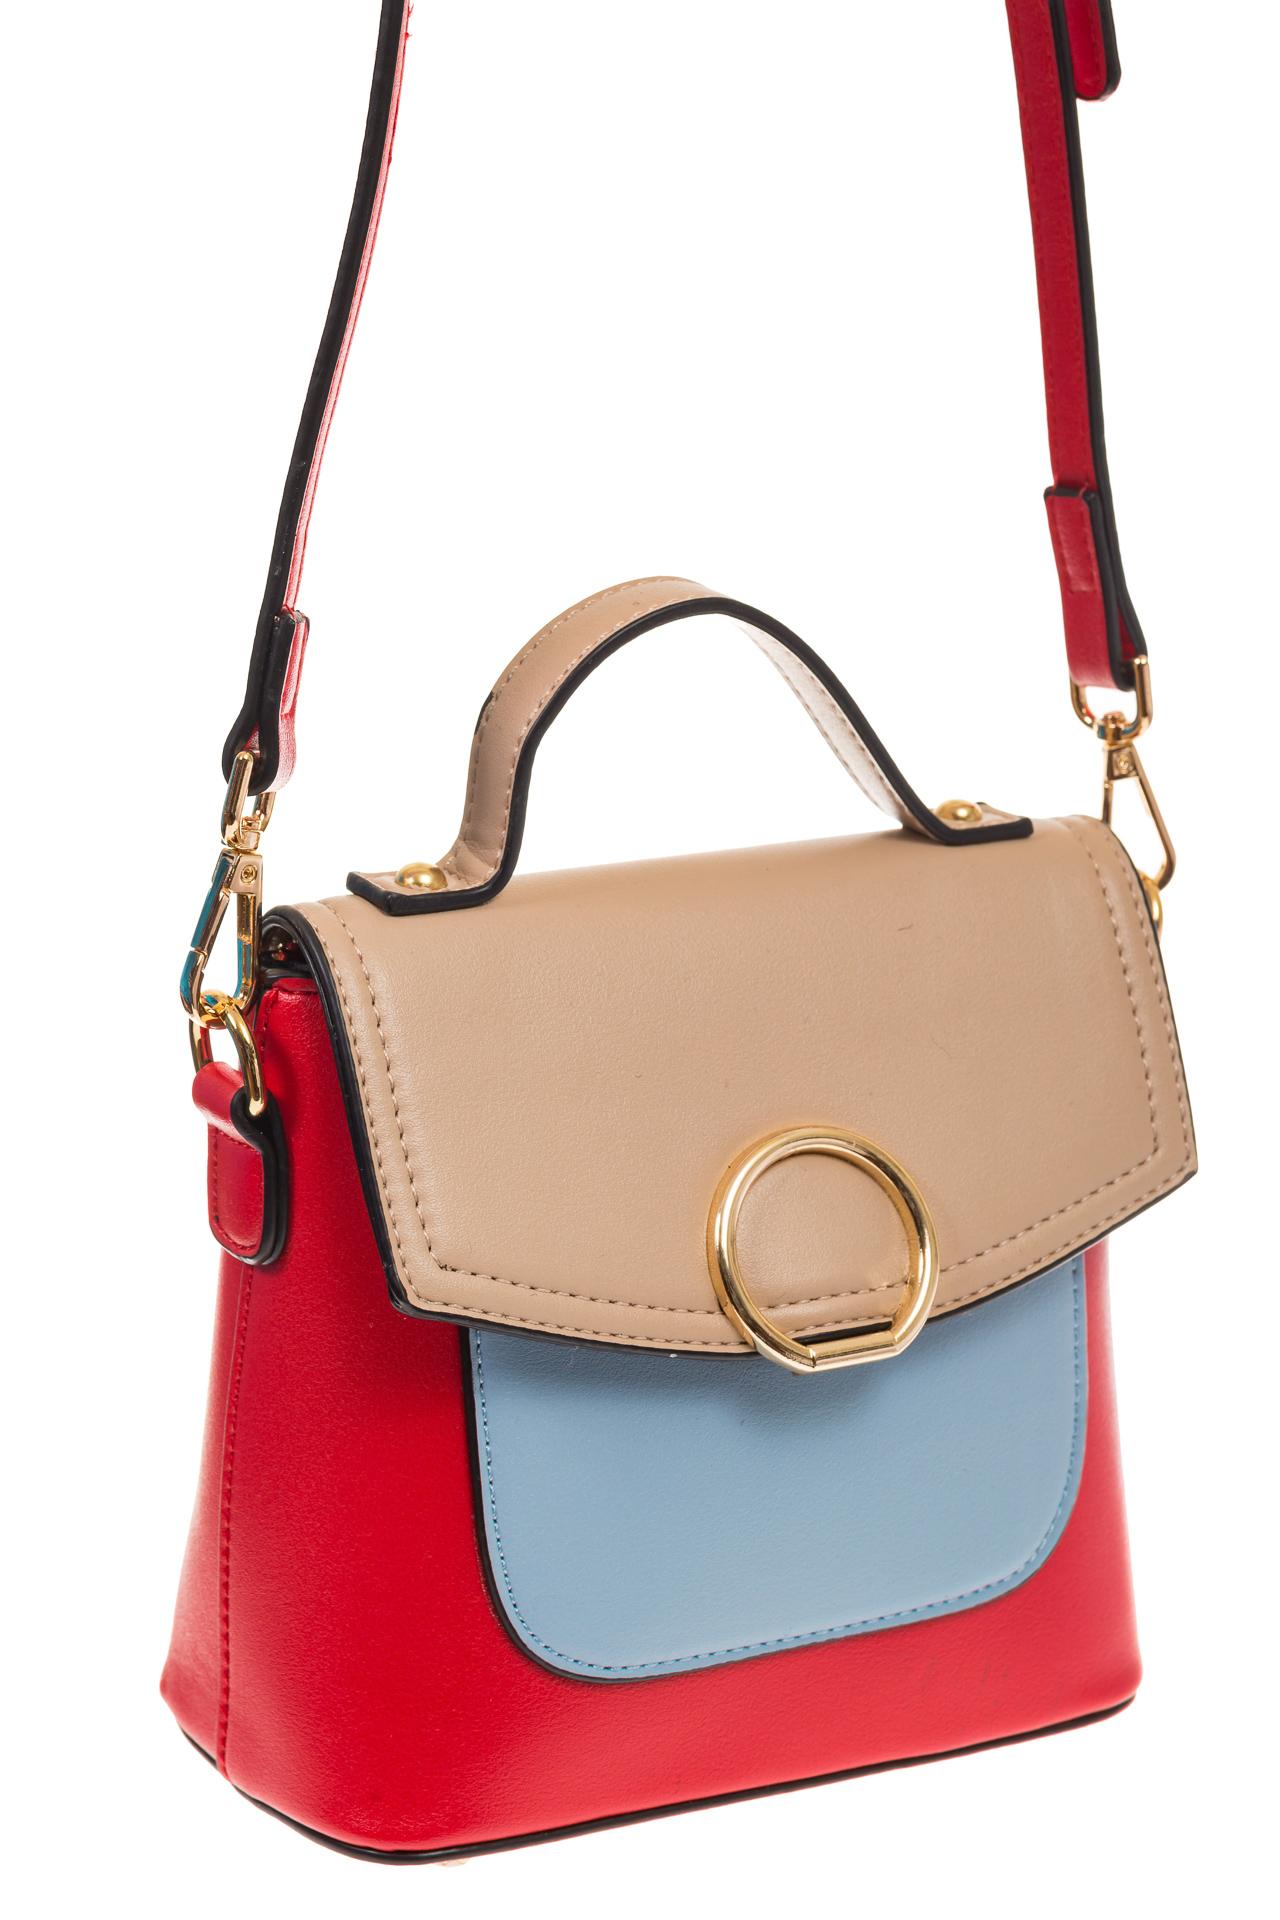 Красная/бежевая/голубая сумка с кольцом из эко-кожи 1817